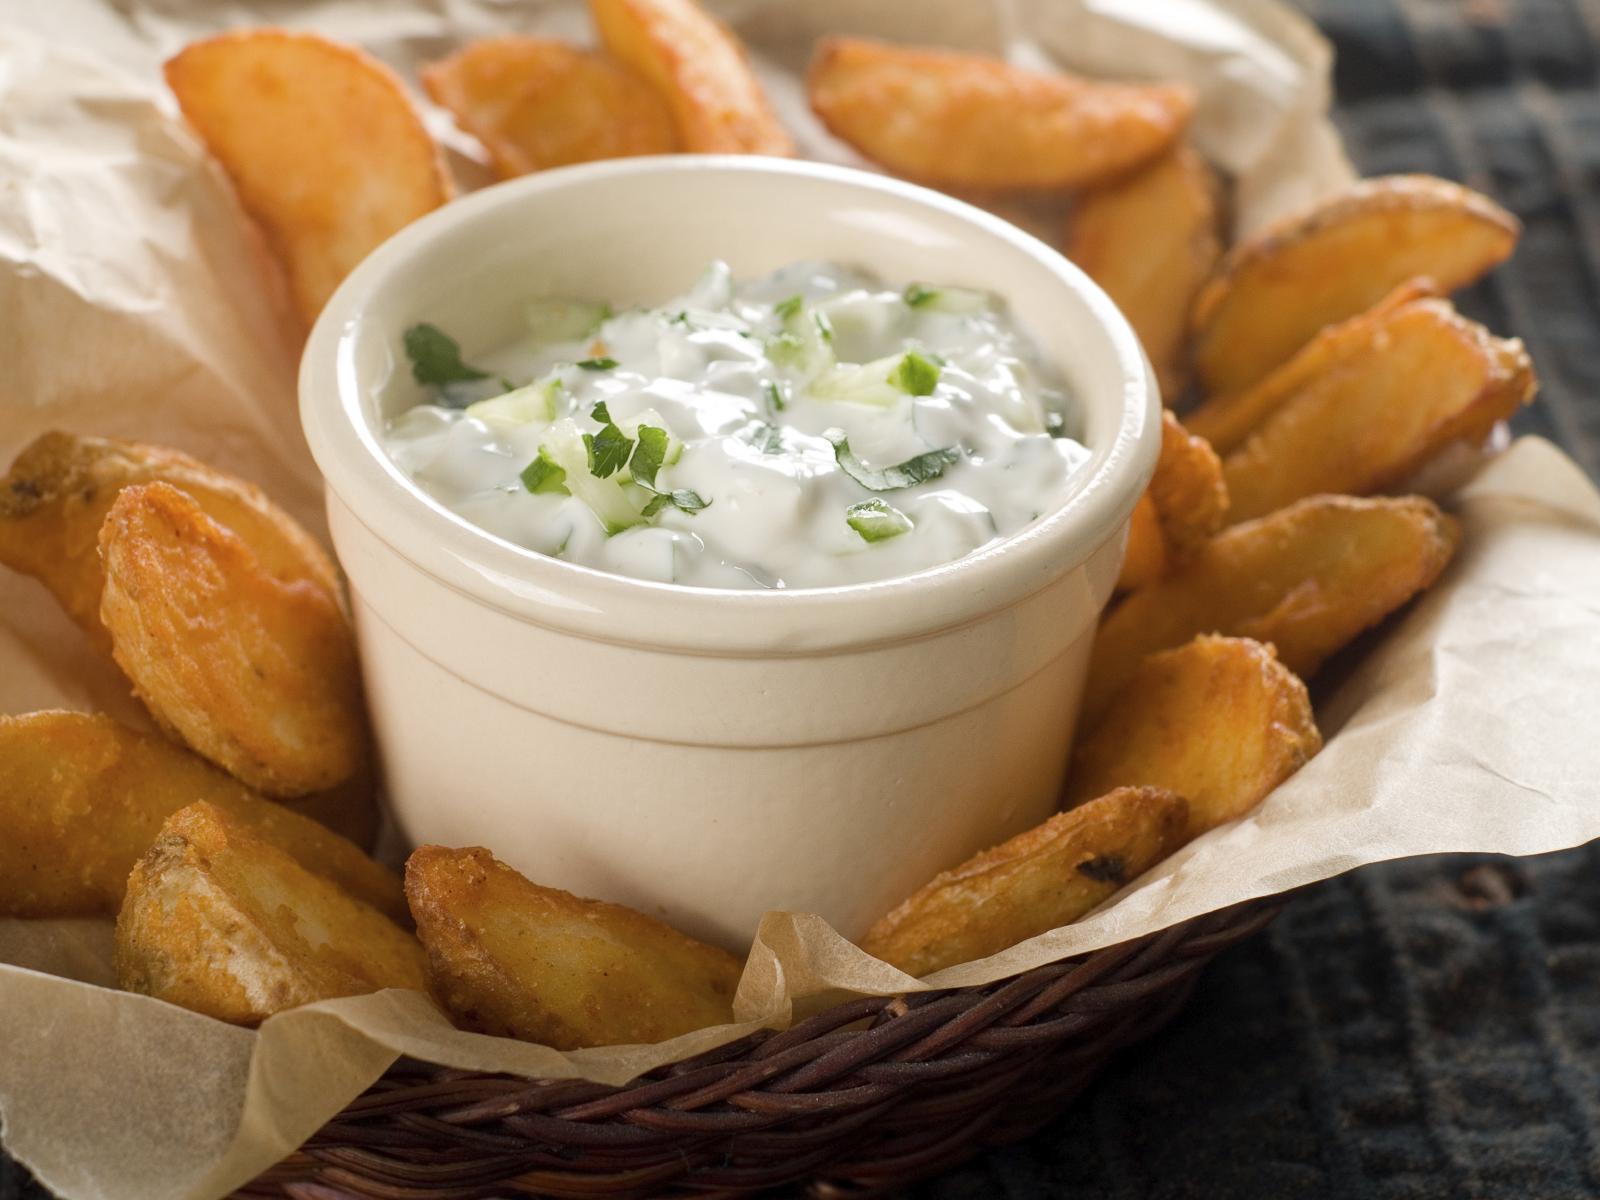 Potatoes and lemon cream dip: Patata b'dipp tal-krema u lumi